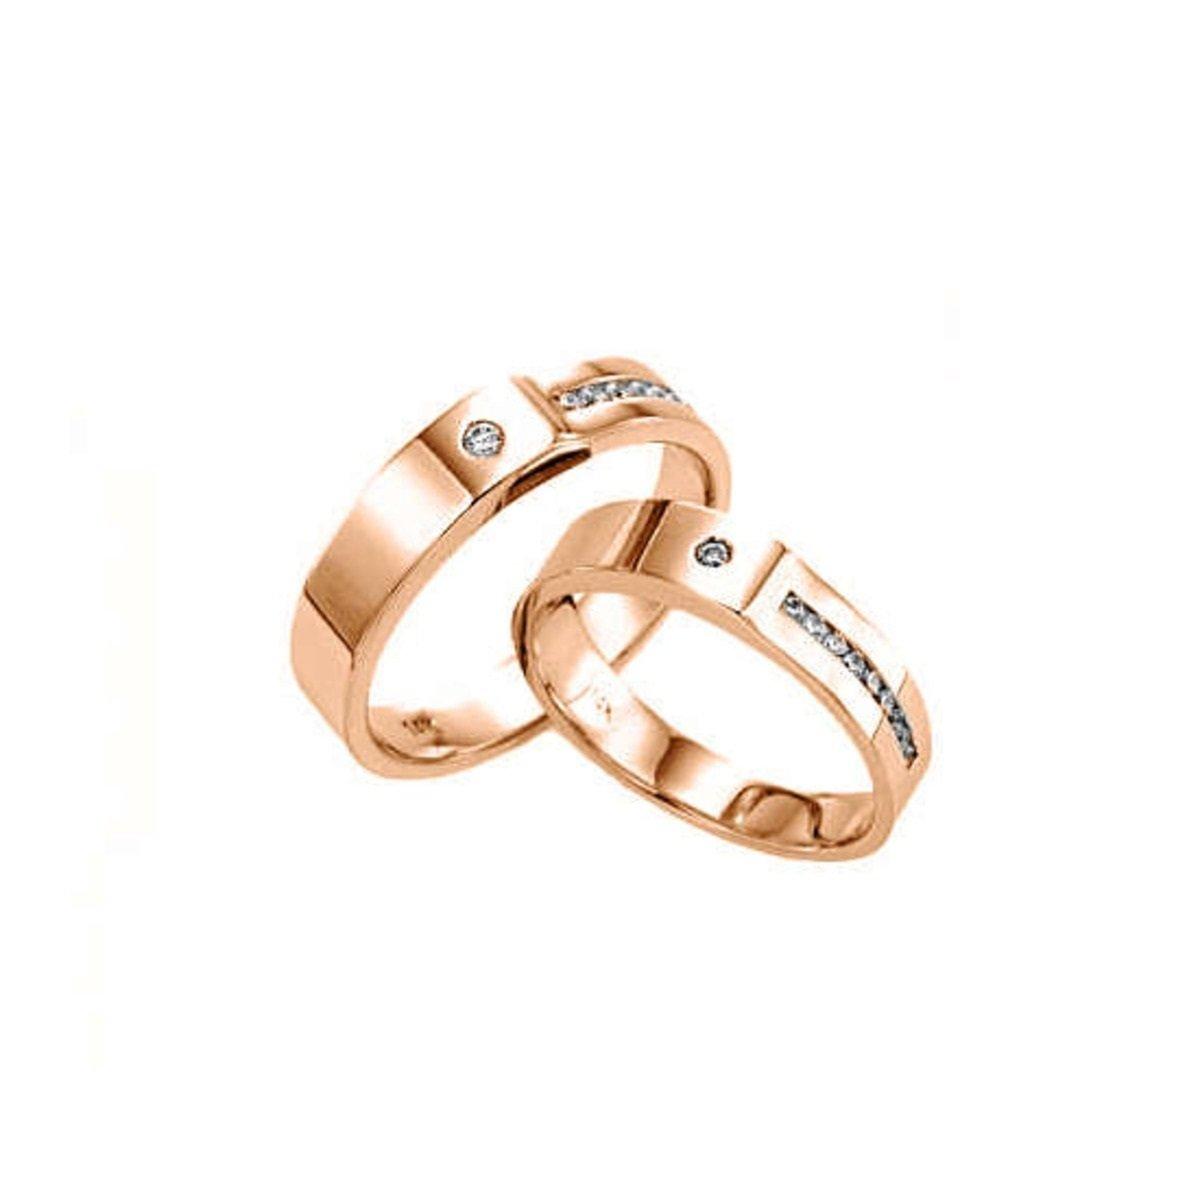 14K 不對稱鑲石情侶戒指 (男款)